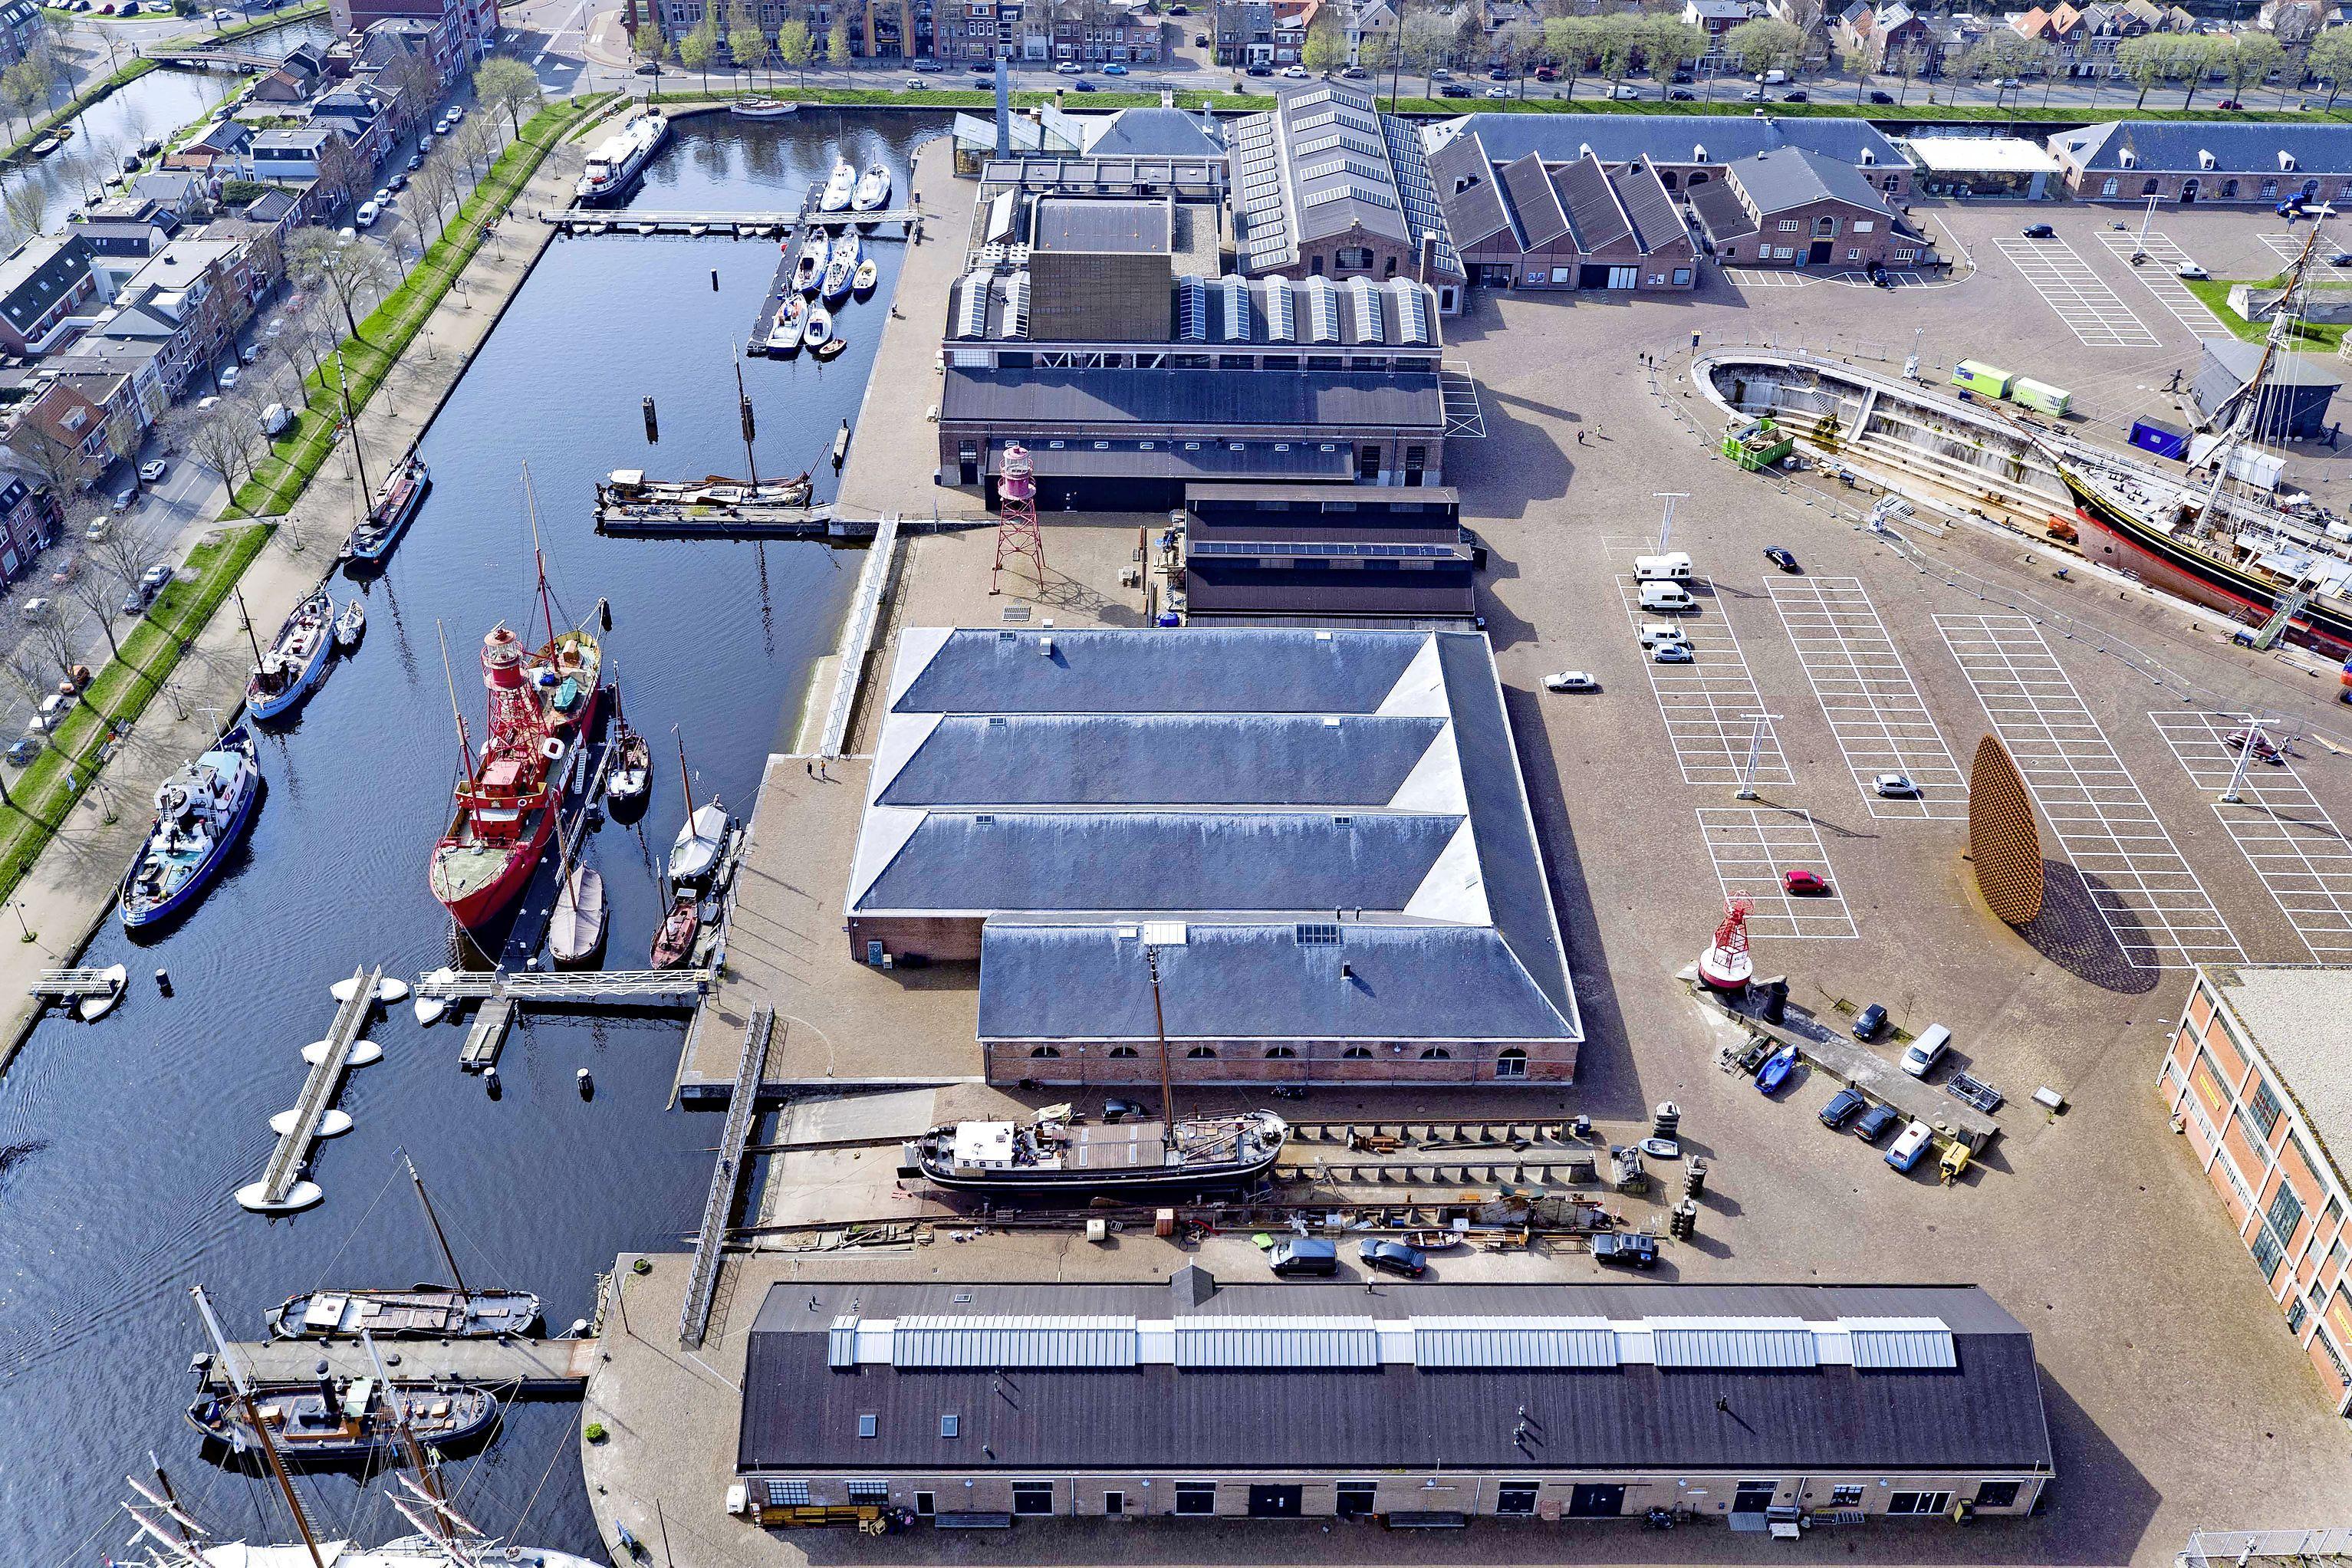 Tegenstanders van een nieuw stadhuis in Den Helder laten het er niet bij zitten. Ze stappen naar de rechter en desnoods de Raad van State om de bouw te voorkomen